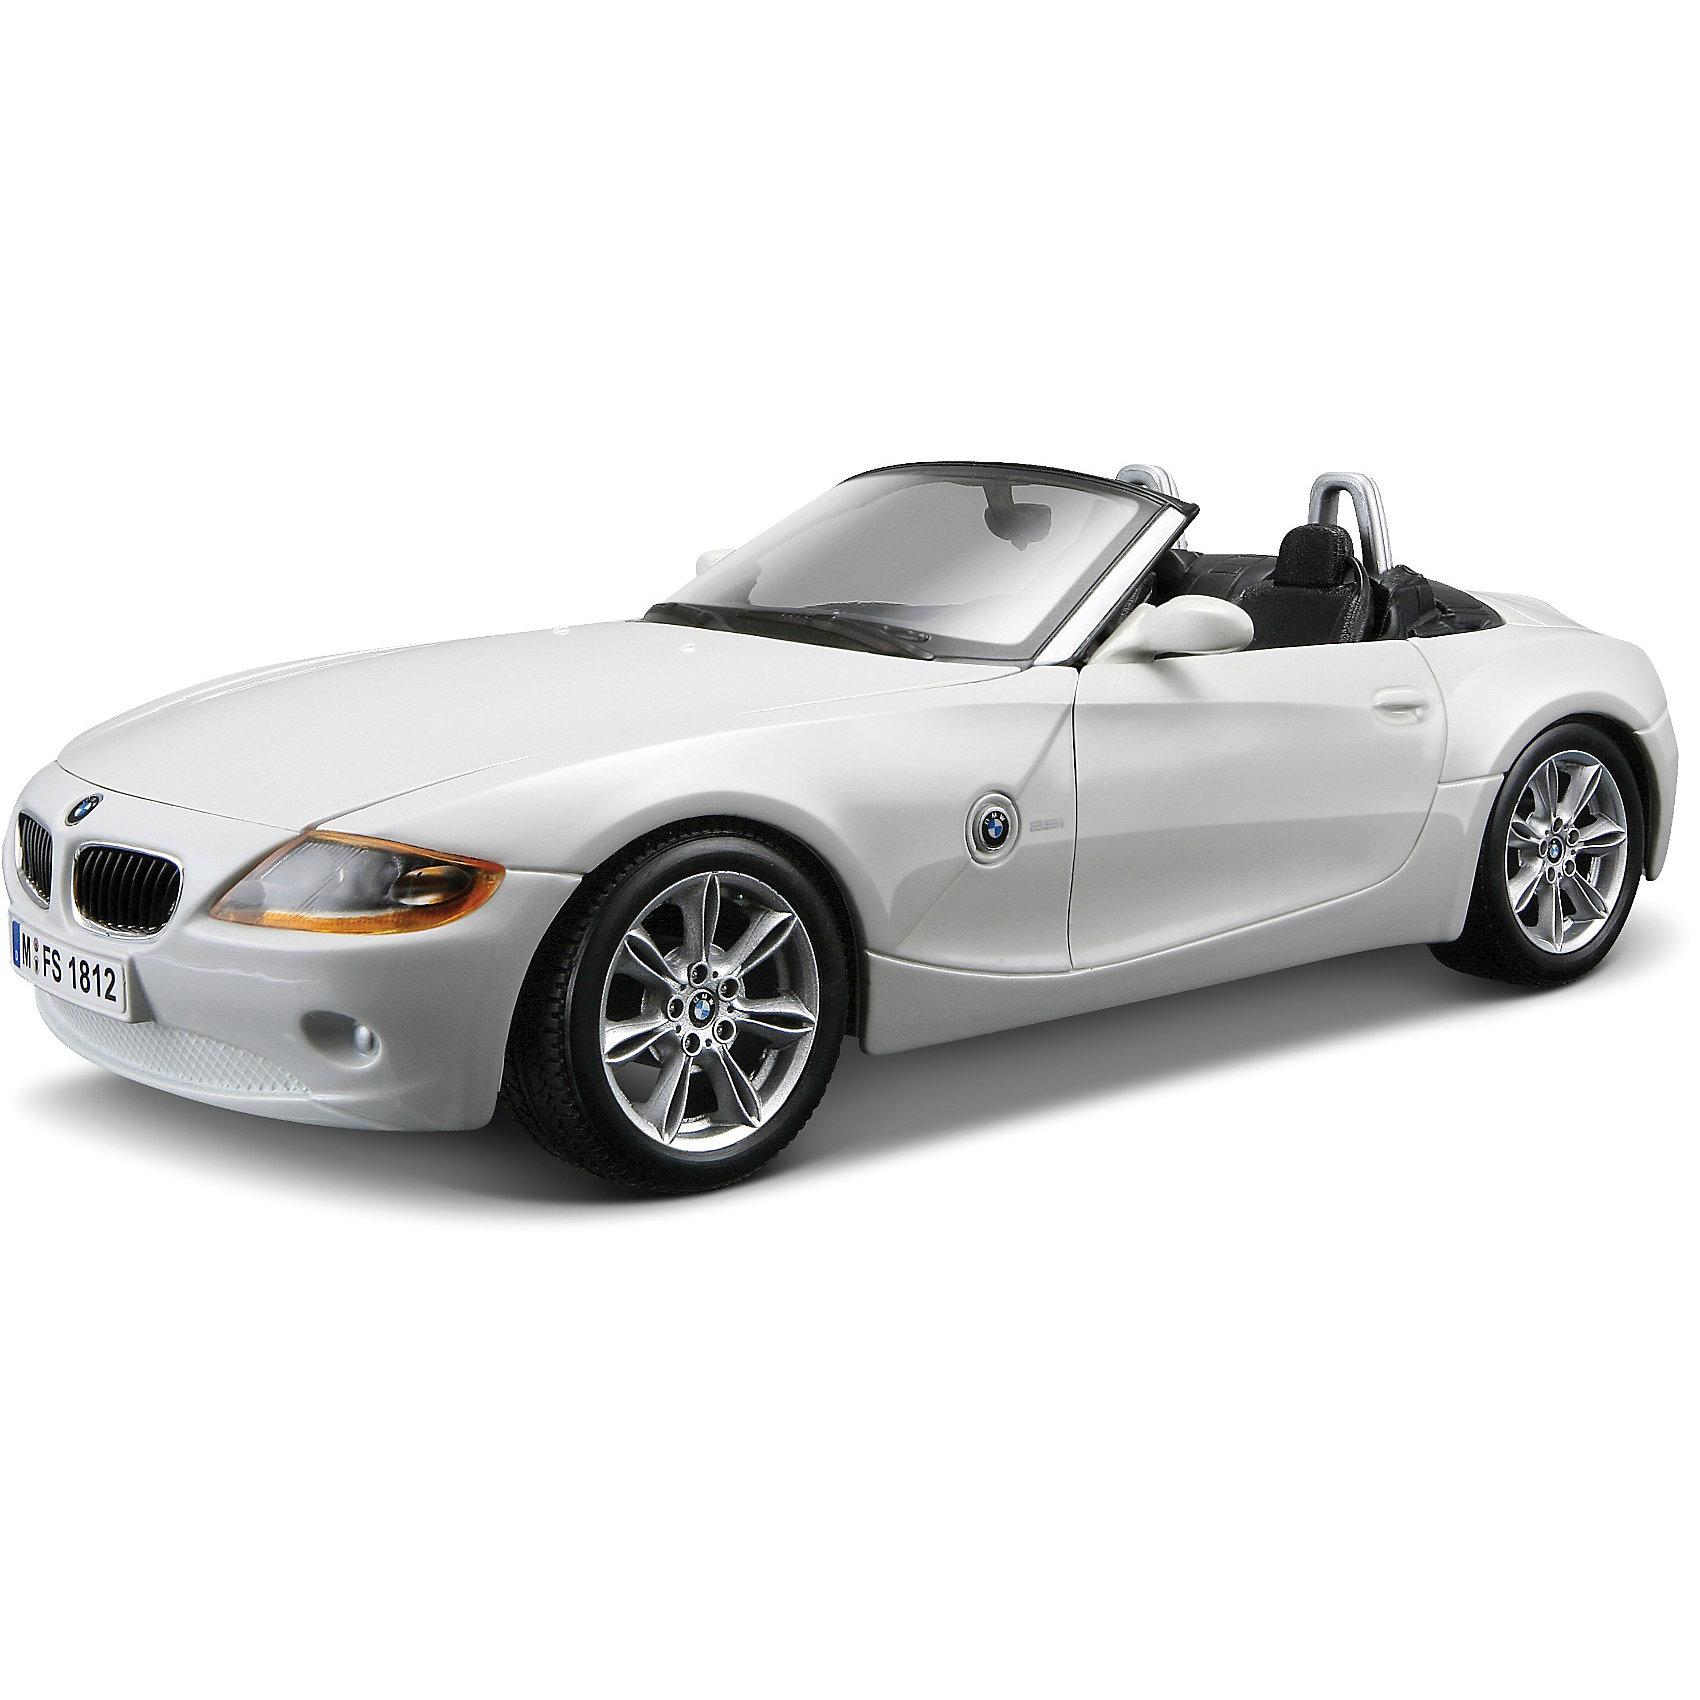 Машина BMW Z4 металл., 1:24, BburagoМашинки<br>Машина BMW Z4 металл., 1:24, Bburago (Бураго)<br>Компания Bburago – мировой лидер в производстве коллекционных  моделей автомобилей.  <br>Более 30 лет профессиональные дизайнеры Bburago разрабатывают точные копии современных машин и ретро машин известных марок.  <br><br>BMW Z4  - заднеприводный, 2-местный автомобиль в кузове родстер, выпускаемый компанией BMW в период с 2002 по 2008 год. BMW Z4 Roadster обладает спортивной, бескомпромиссной внешностью.<br>Благодаря удлиненной передней части кузова, Z4 напоминает акулу.<br><br>Функциональность игрушки:<br>- двухместный  автомобиль  создан в масштабе 1:24<br>- у модели крутится руль, колеса, открываются двери и капот<br>- цвет автомобиля: белый, серый металлик<br><br>С мини-модельками автомобилей Bburago игра станет настолько увлекательной, что оторваться будет невозможно!<br><br>Дополнительная информация:<br><br>- Материал: Металл<br>- Размеры упаковки: 24,2 х 10 х 10 см<br>- Вес: 0,57 кг.<br><br>ВНИМАНИЕ! Данный артикул имеется в наличии в разных цветовых исполнениях (белый, серый металлик). К сожалению, заранее выбрать определенный цвет невозможно. <br><br>Игрушку Машина BMW Z4 металл., 1:24, Bburago можно купить в нашем интернет-магазине.<br><br>Ширина мм: 241<br>Глубина мм: 125<br>Высота мм: 101<br>Вес г: 470<br>Возраст от месяцев: 36<br>Возраст до месяцев: 1200<br>Пол: Мужской<br>Возраст: Детский<br>SKU: 1784083